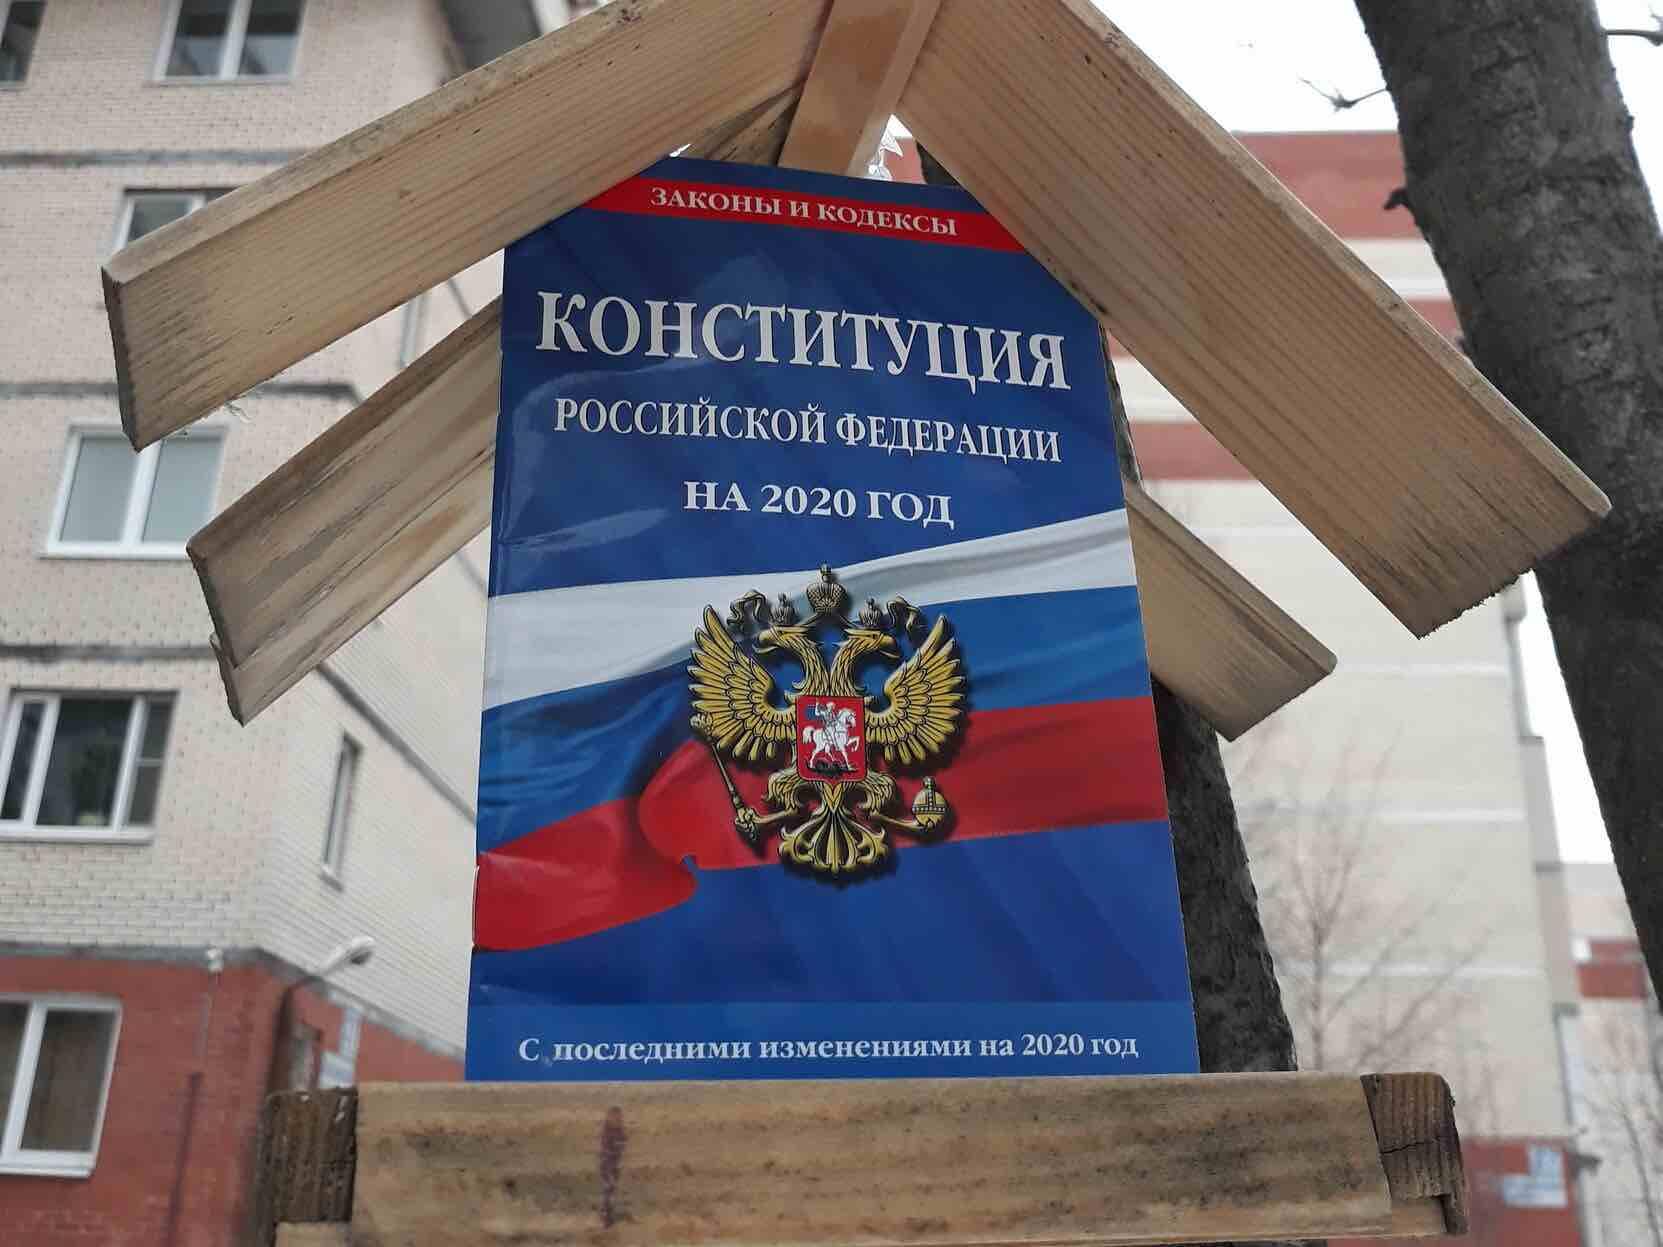 Голосование за поправки в Конституцию России: будет ли оно 24 июня, за какие правки будут голосовать россияне